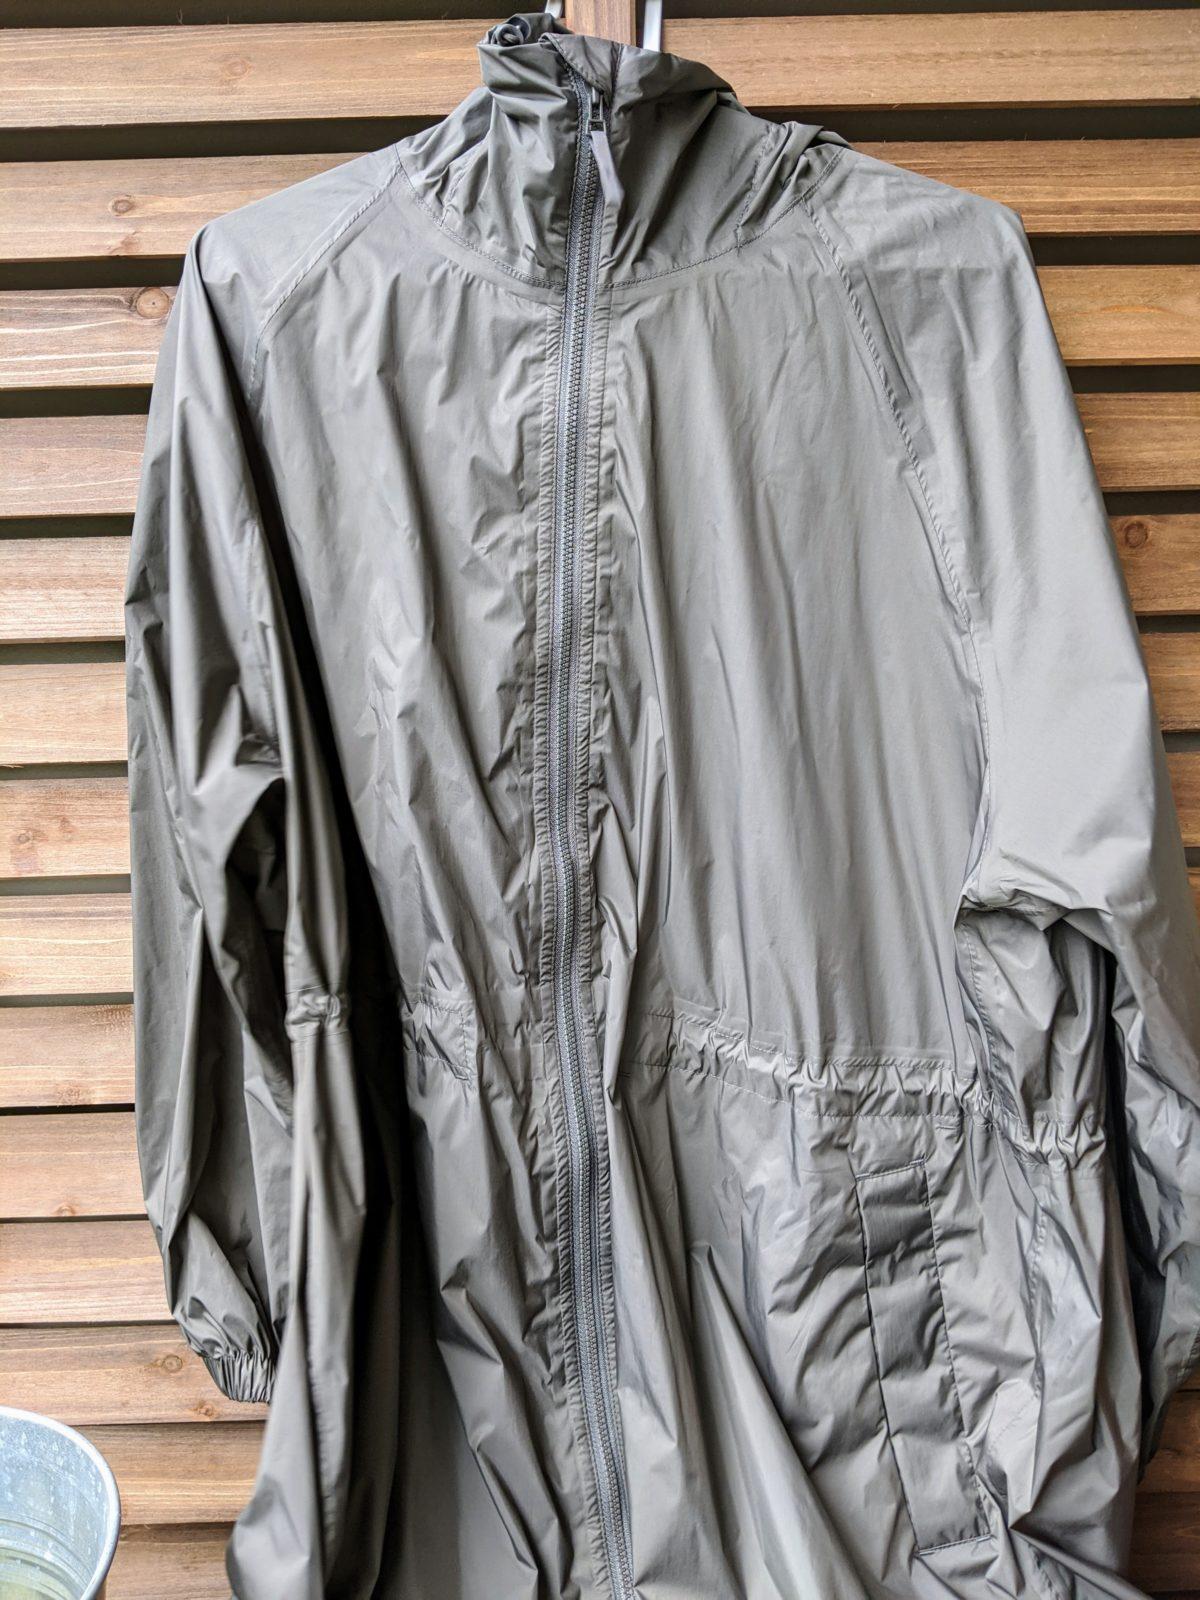 ブロック コート ライト テック 梅雨ですね。保育園送迎用のレインコートはユニクロのライトブロックテックコートにしました